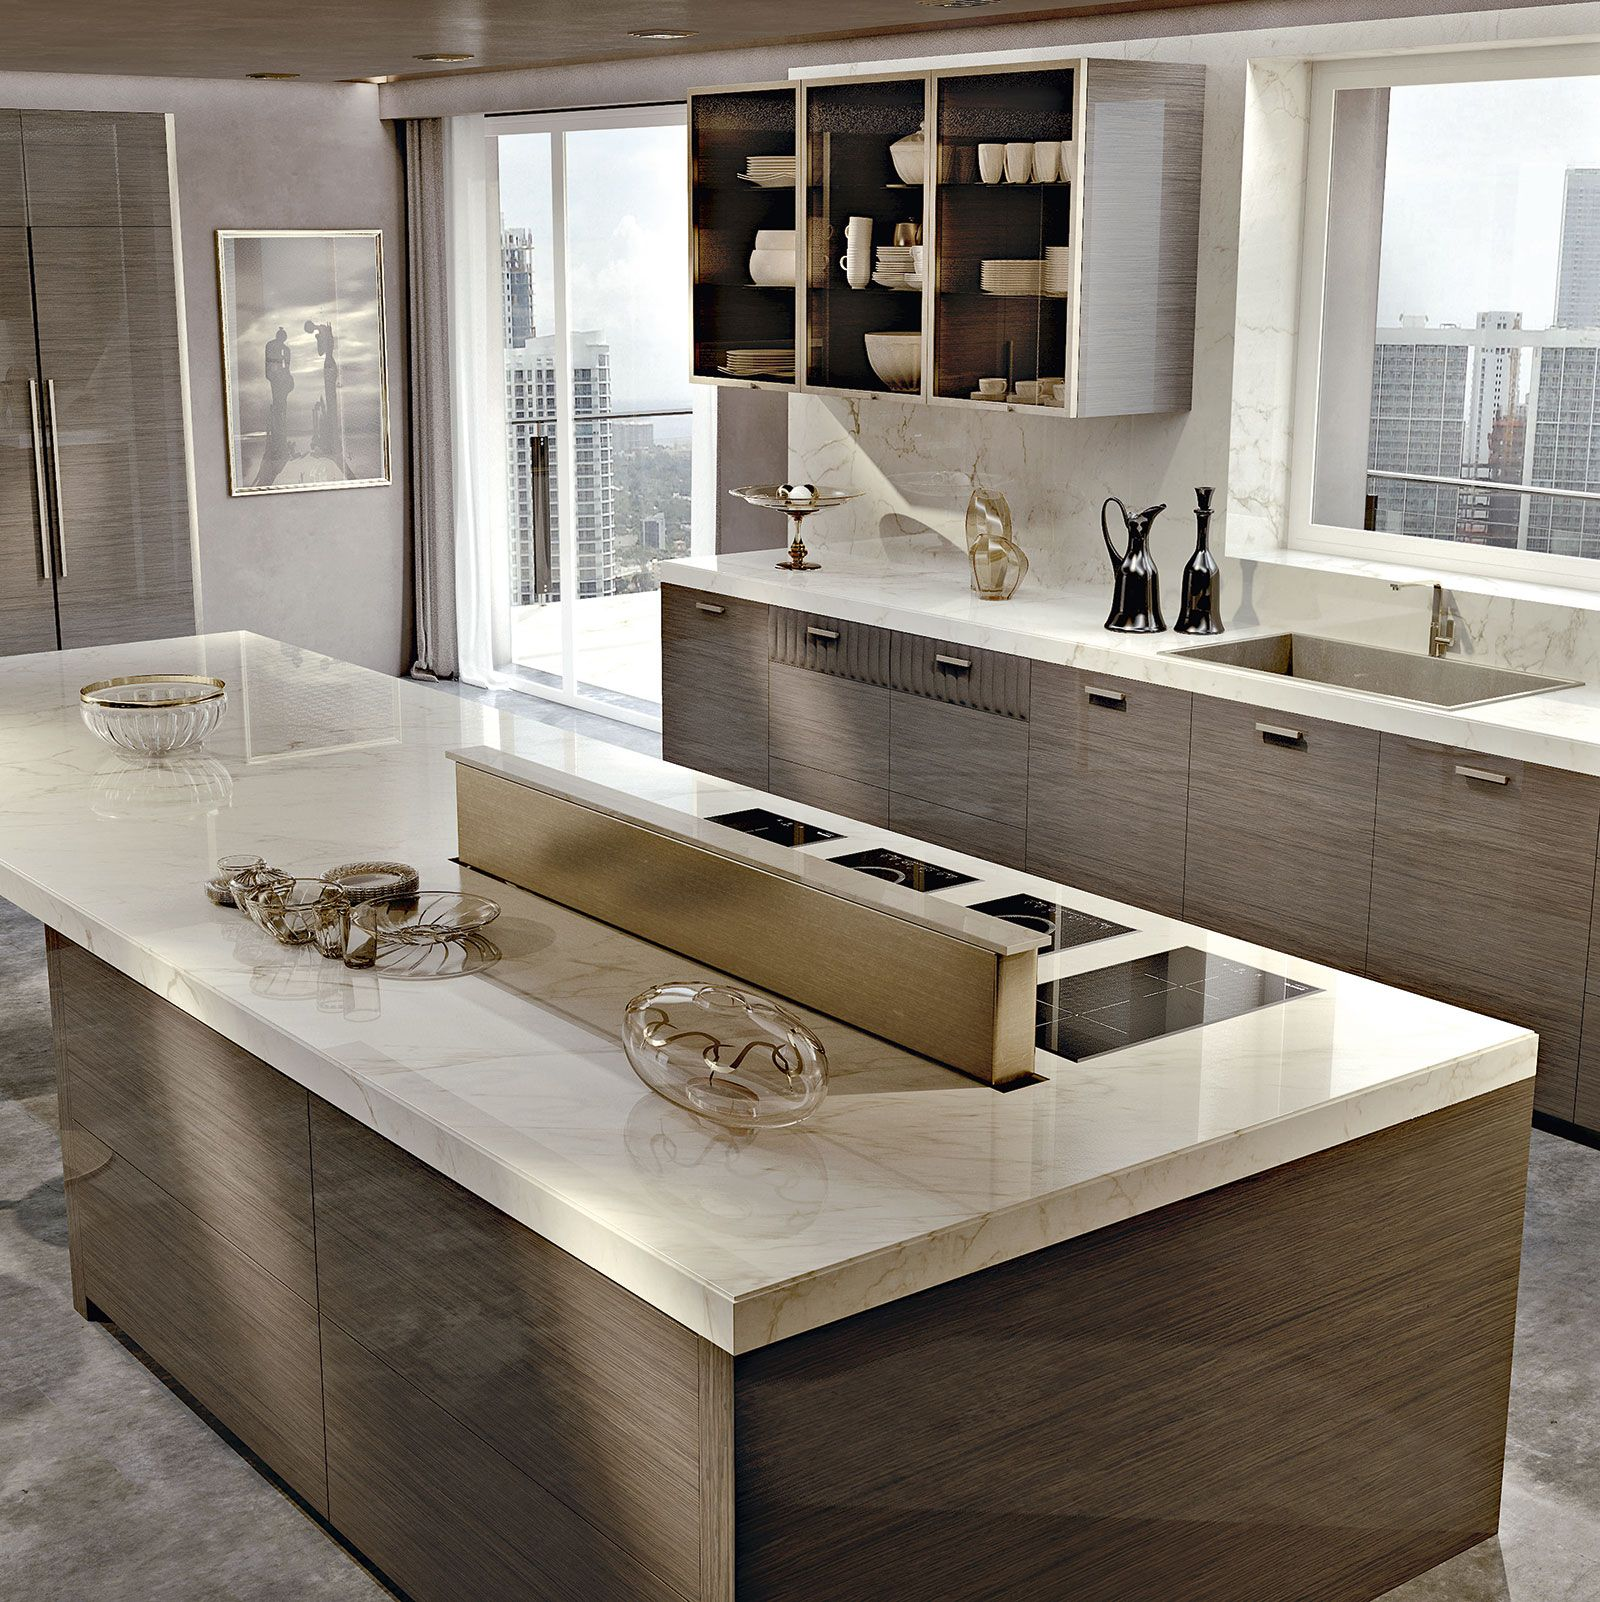 Daytona arredamento contemporaneo moderno di lusso e Arredi di lusso casa